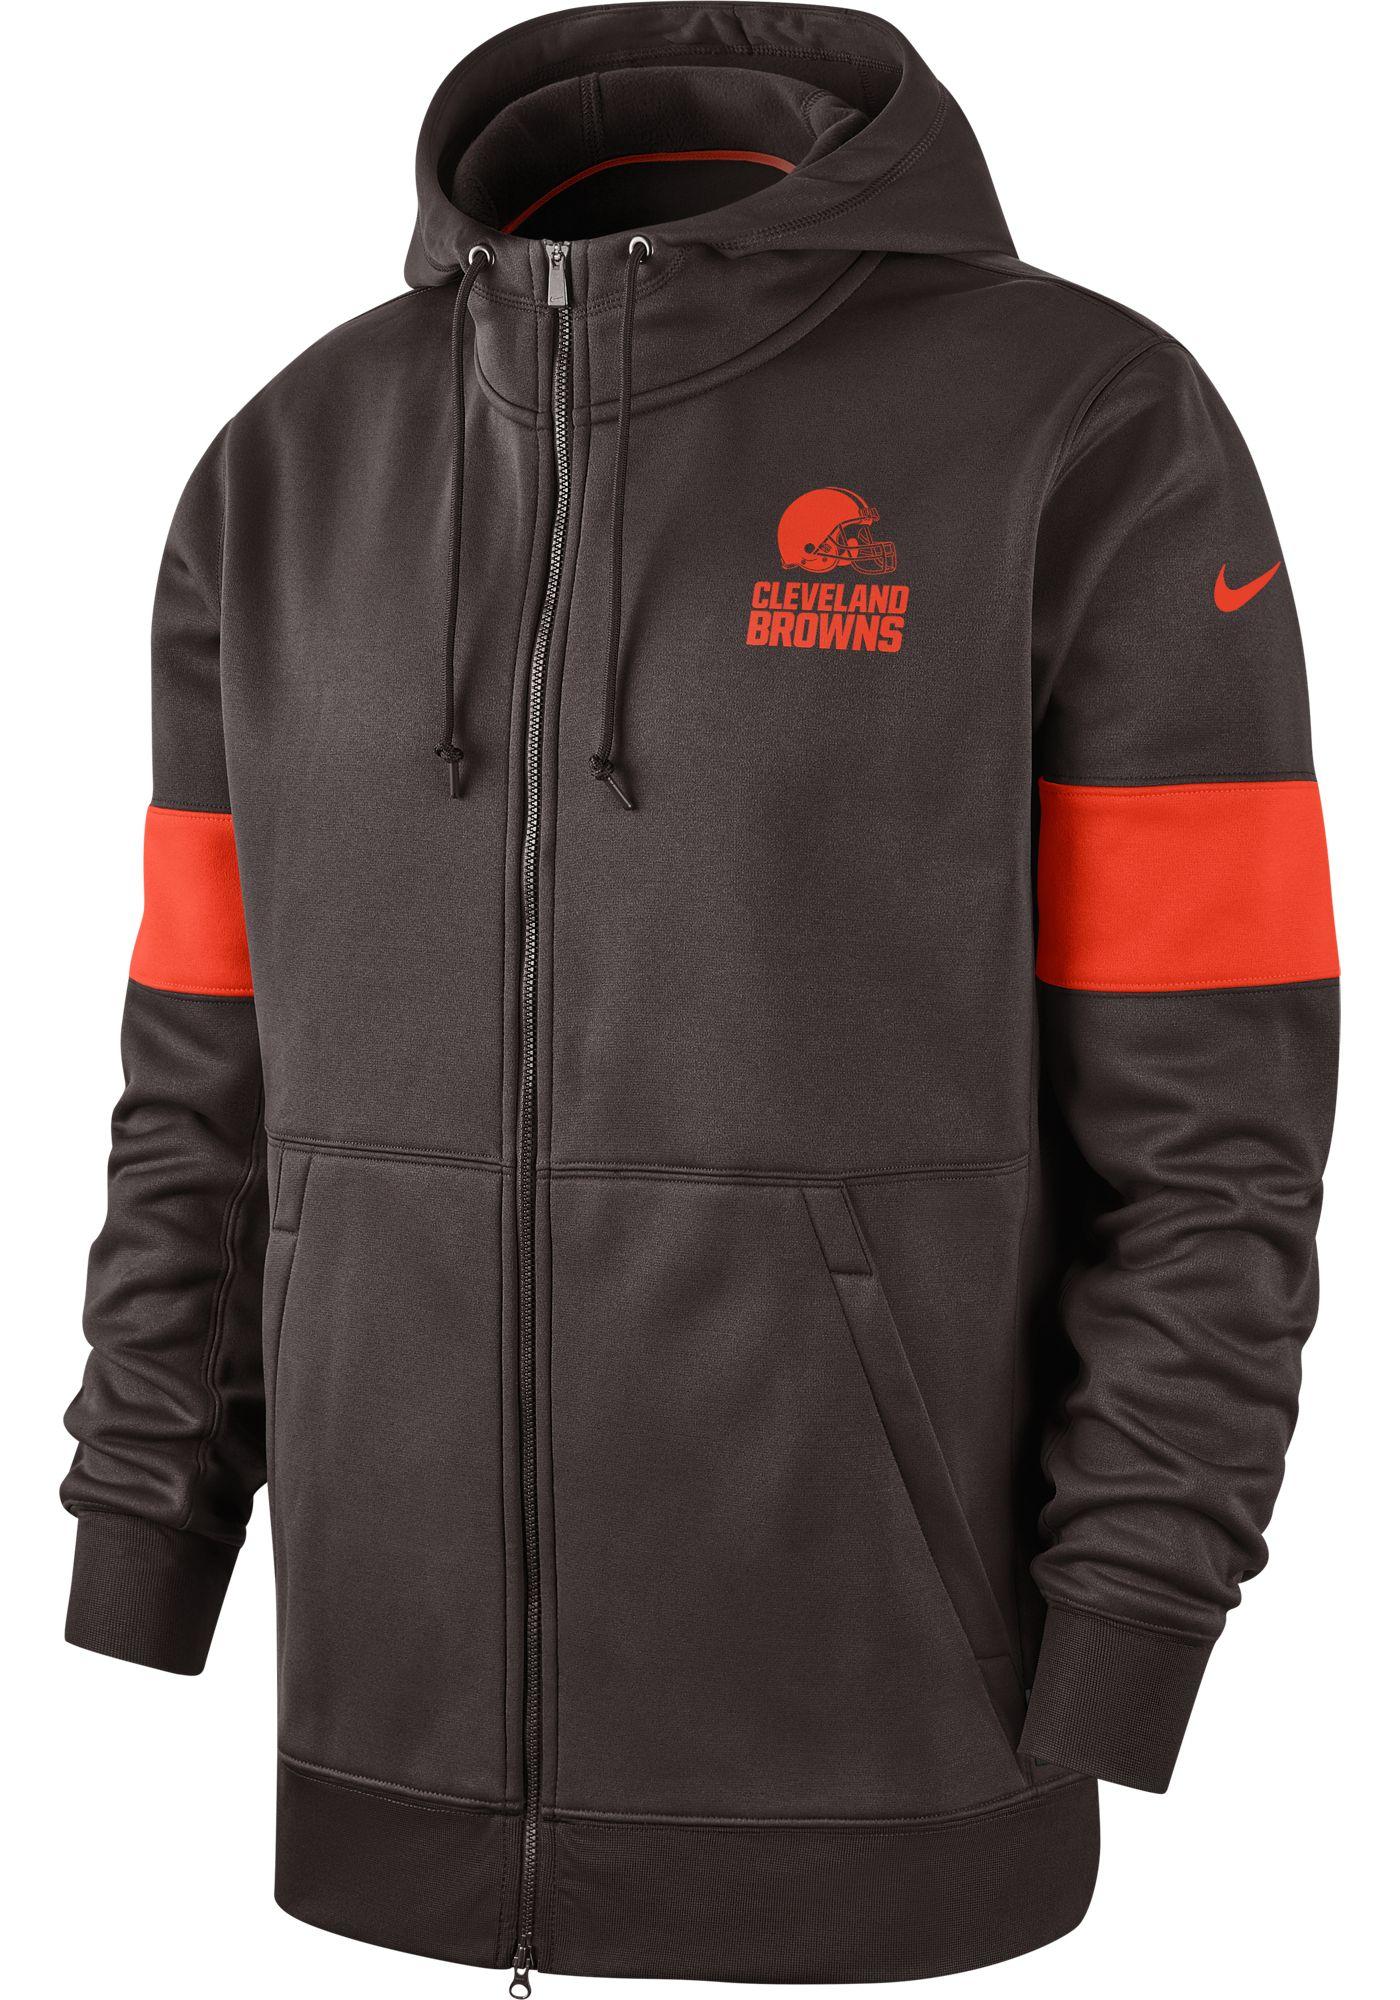 Nike Men's Cleveland Browns Sideline Therma-FIT Brown Full-Zip Hoodie